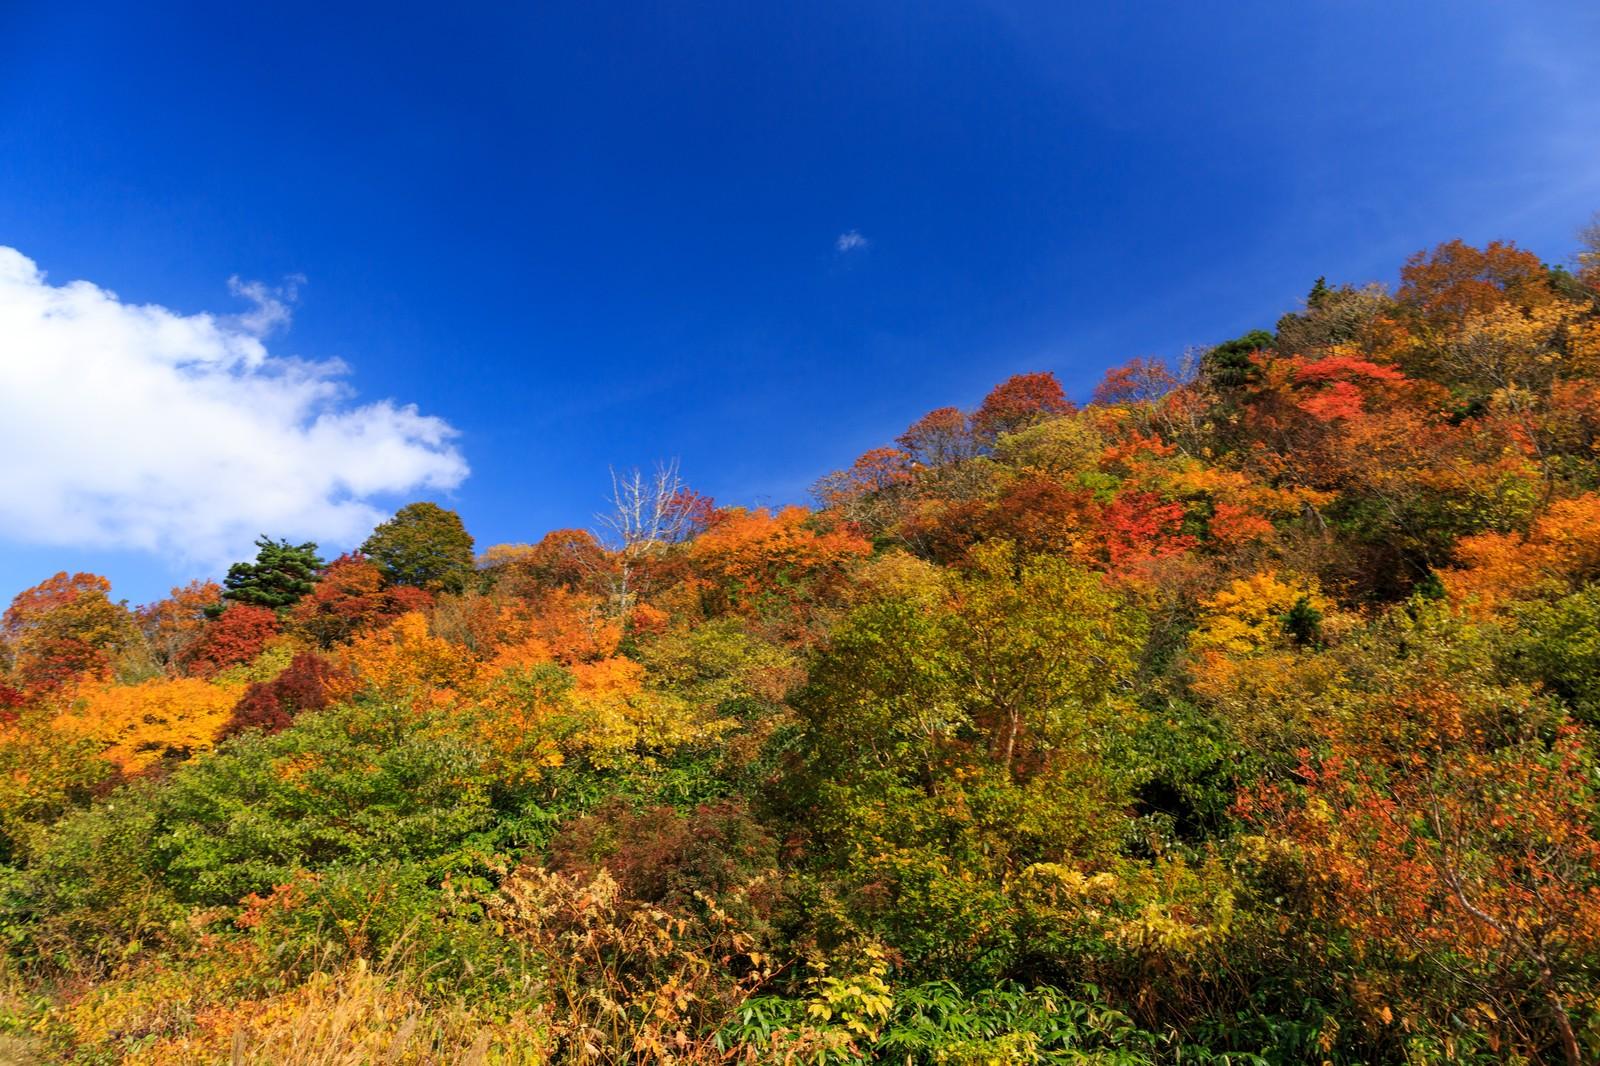 トムラウシ山は北海道の自然を堪能できる登山スポット!日帰りコースや難易度は?